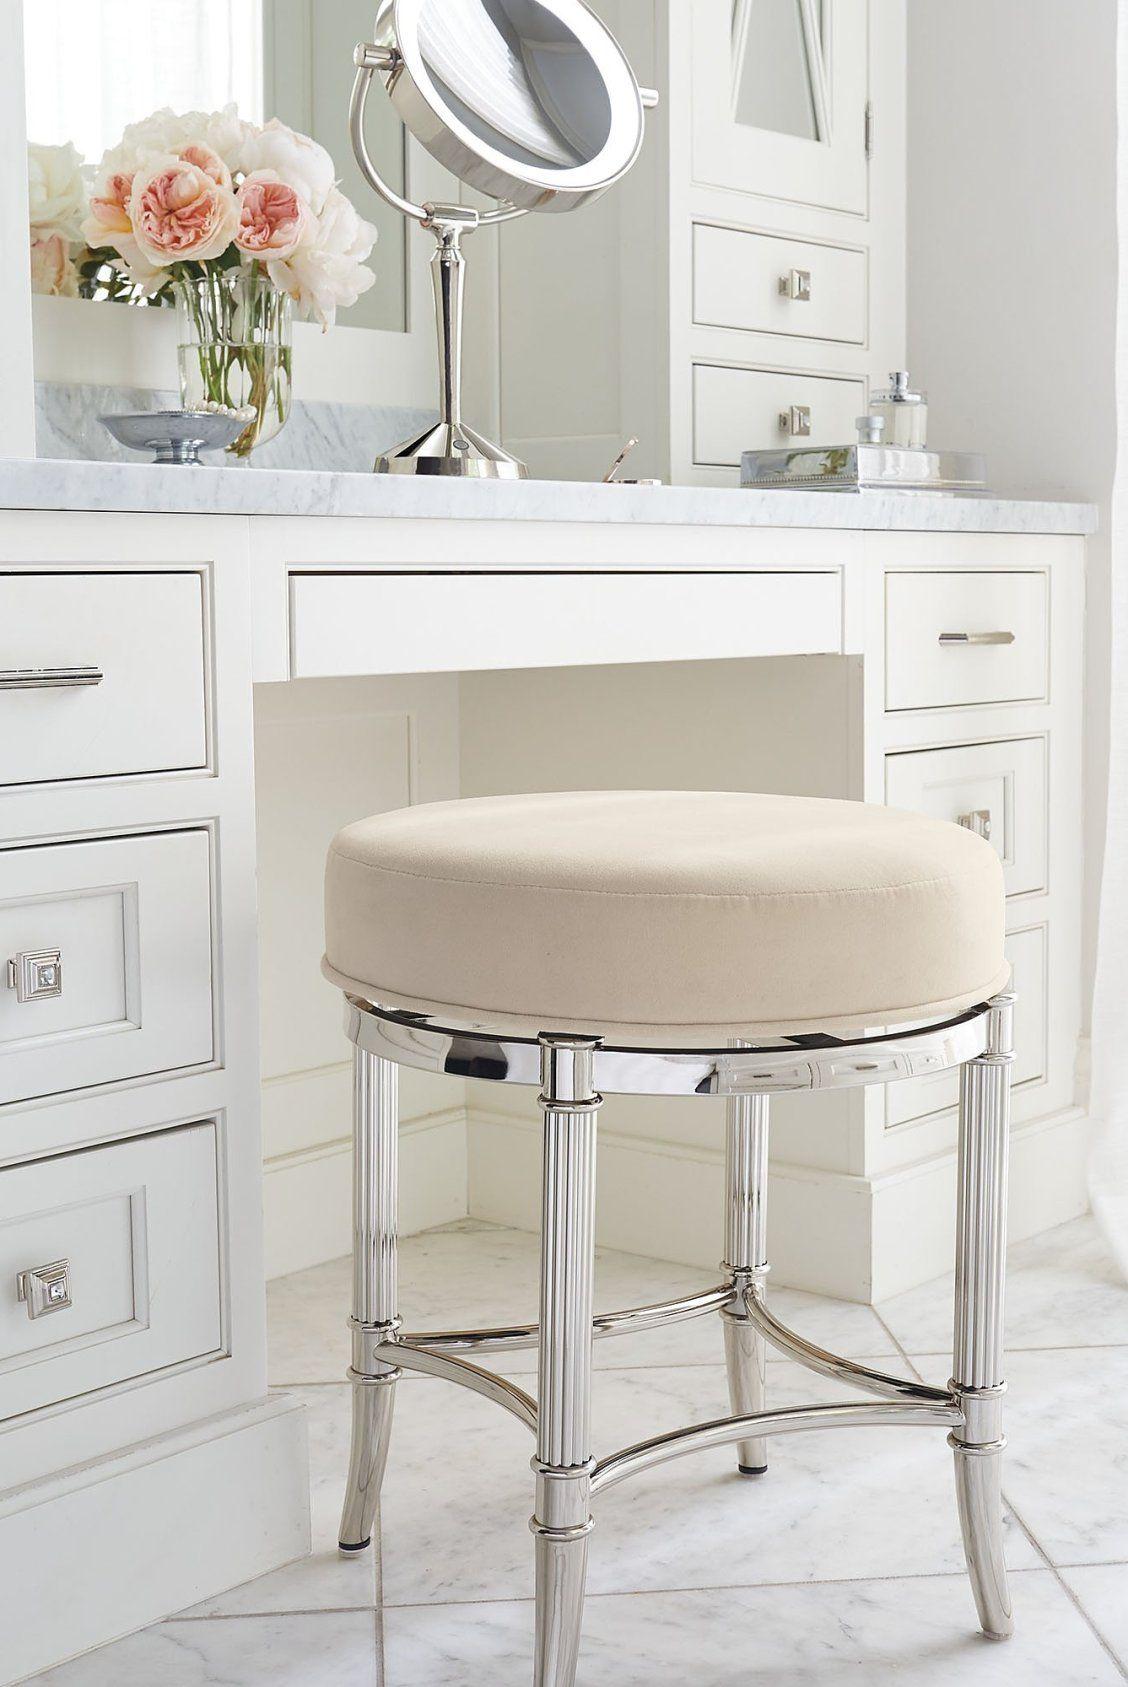 Bailey Swivel Vanity Stool Frontgate Vanity Stool Vanity Seat